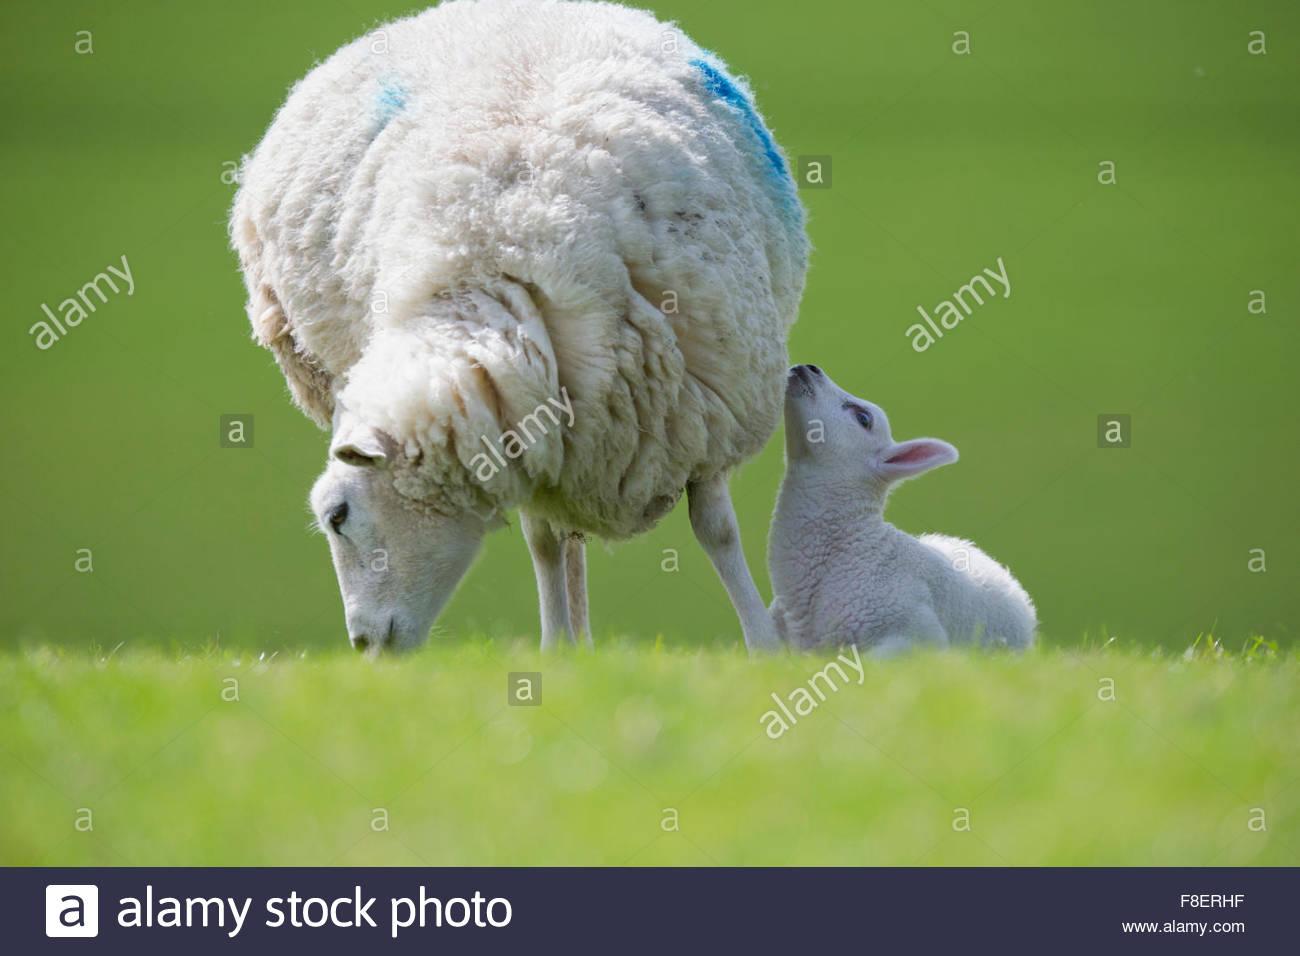 Agnello e pecore al pascolo in verde campo primaverile Immagini Stock